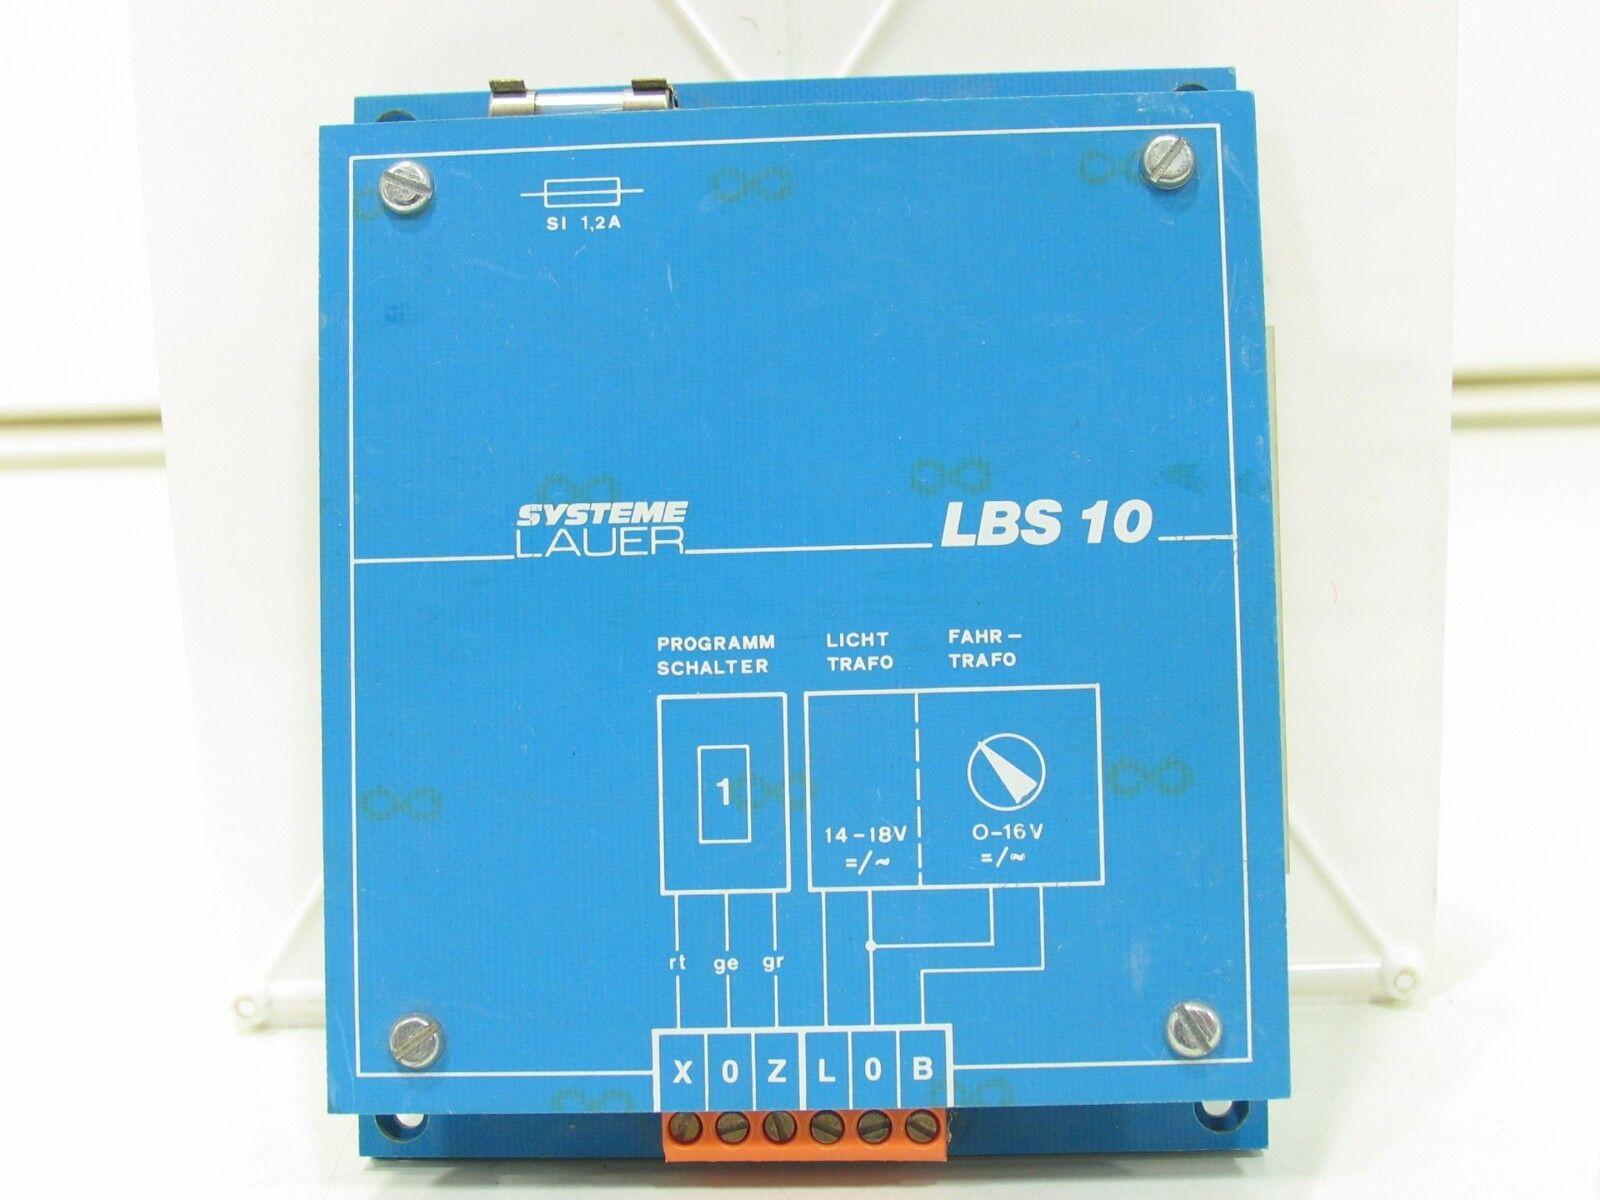 Los sistemas lauer lbs 10 sombras de control de la estación analógica + digital nz1982